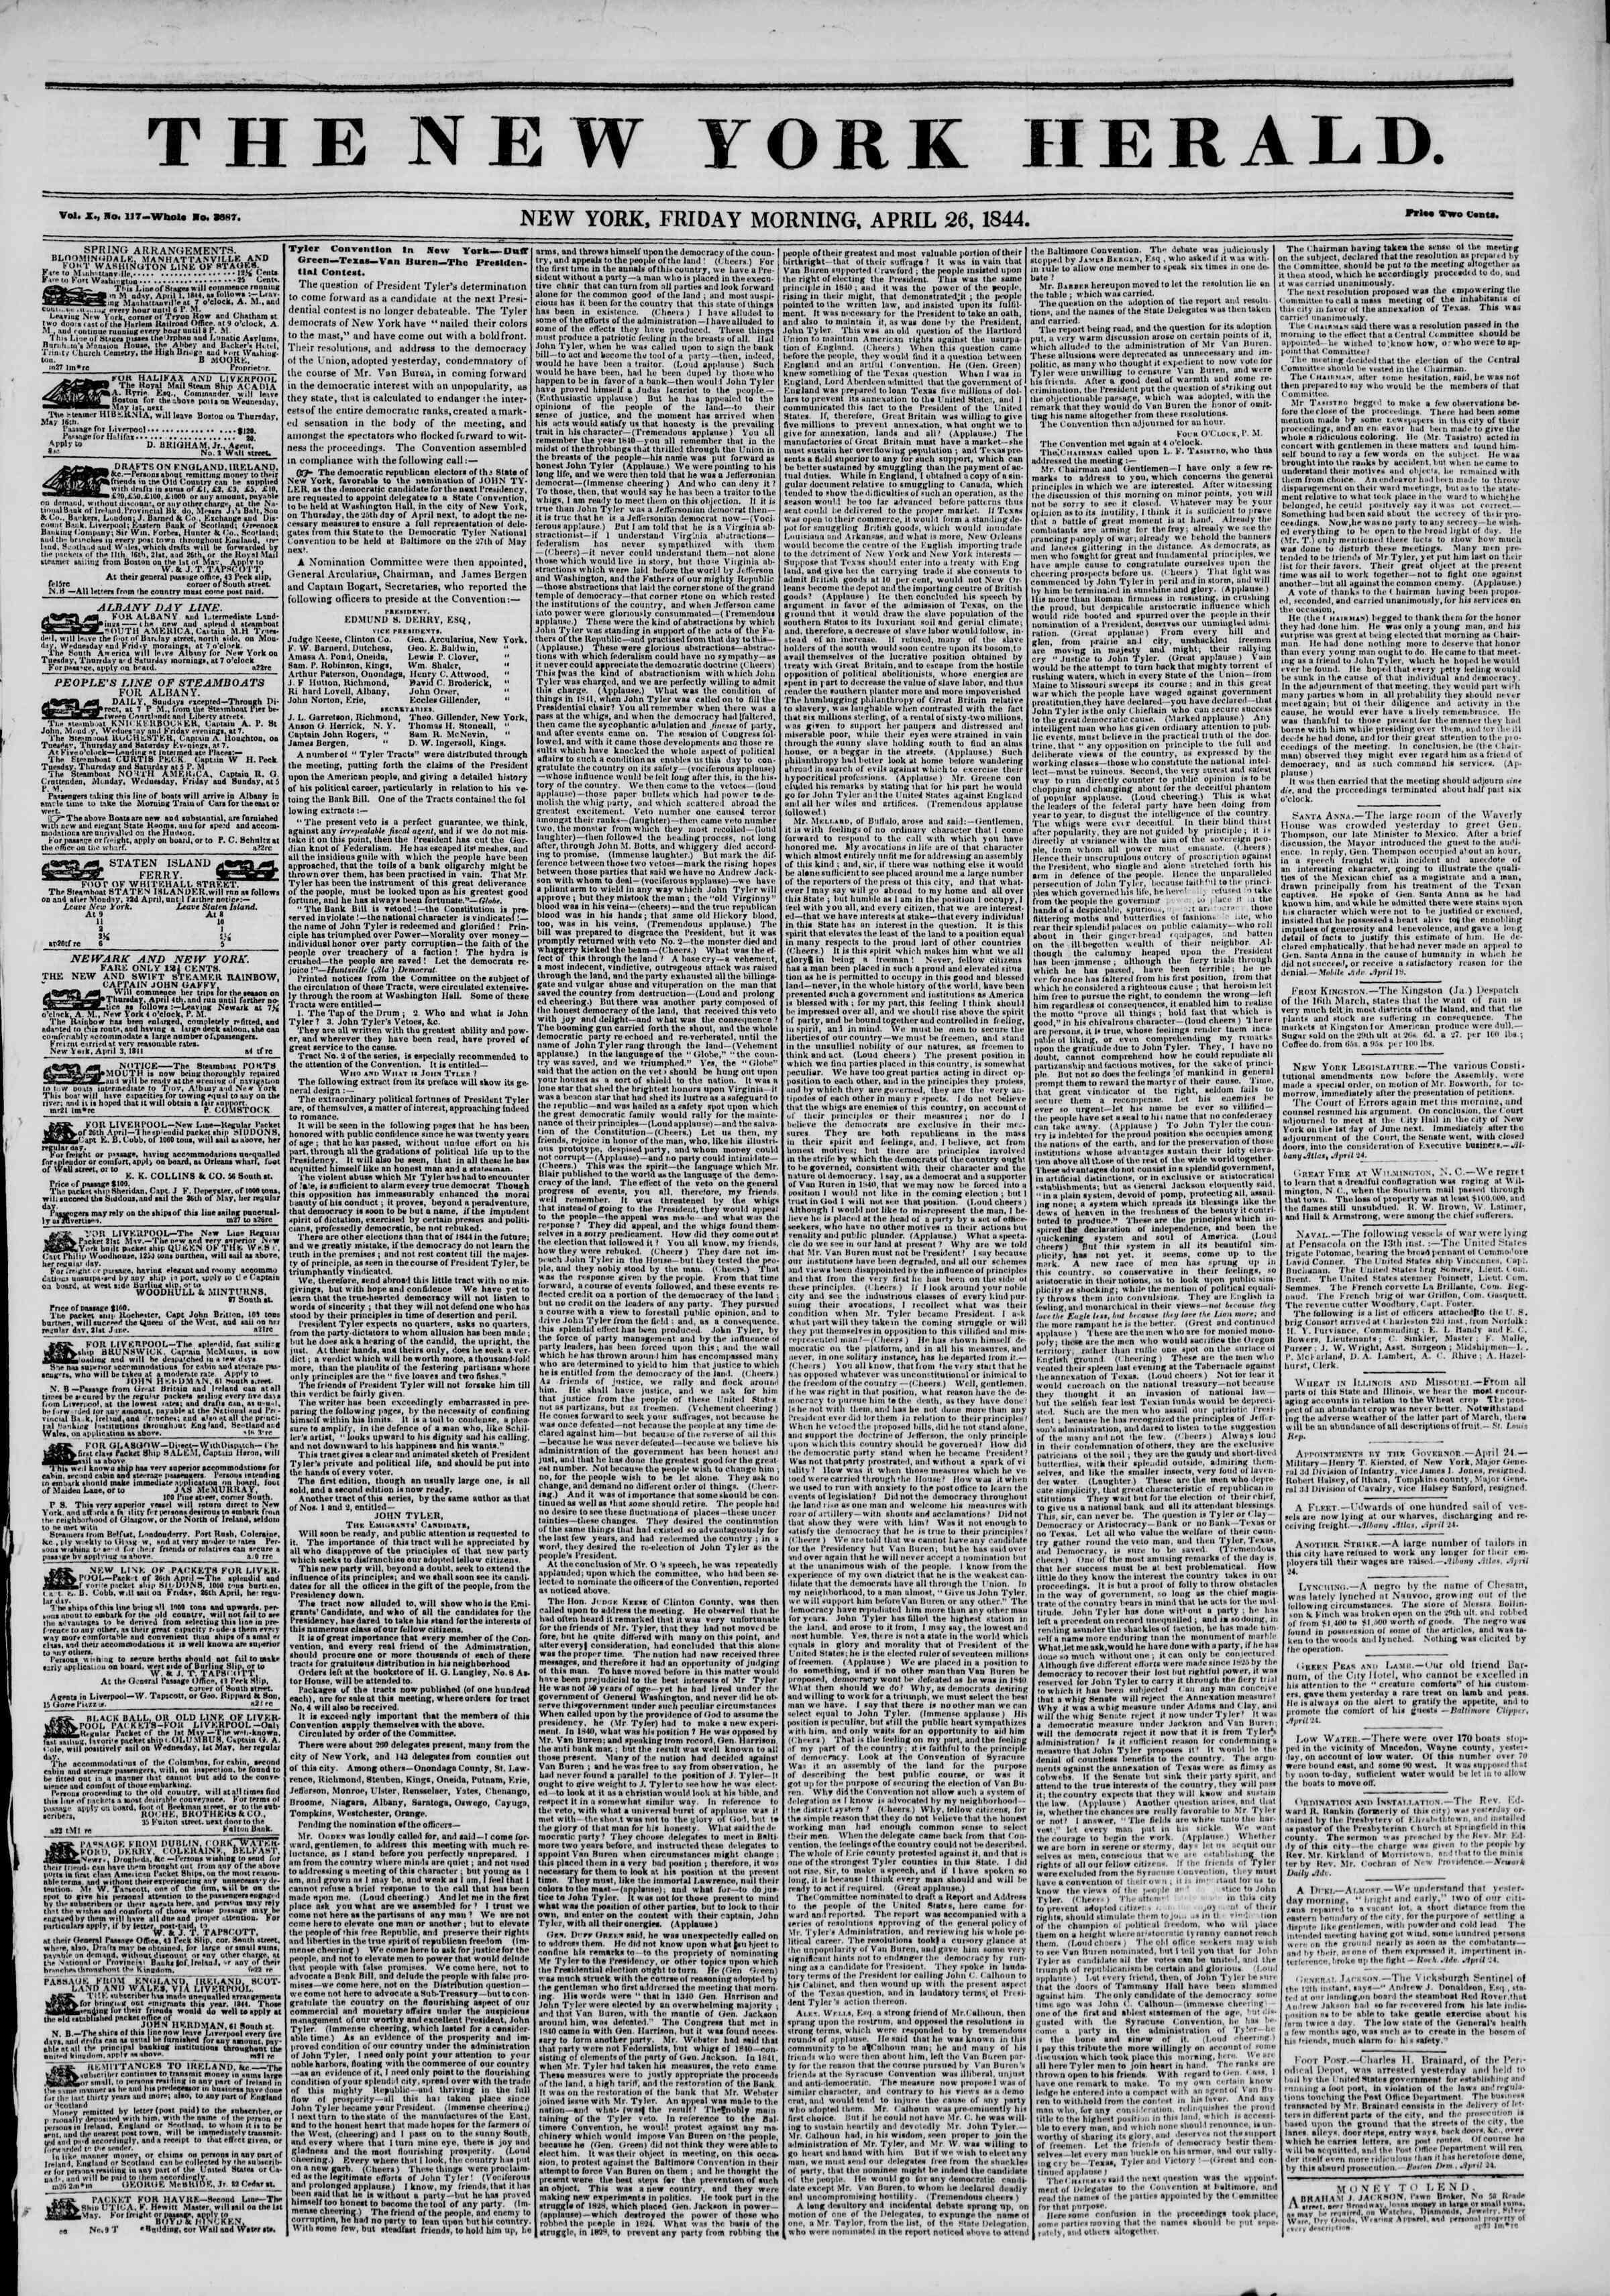 April 26, 1844 Tarihli The New York Herald Gazetesi Sayfa 1